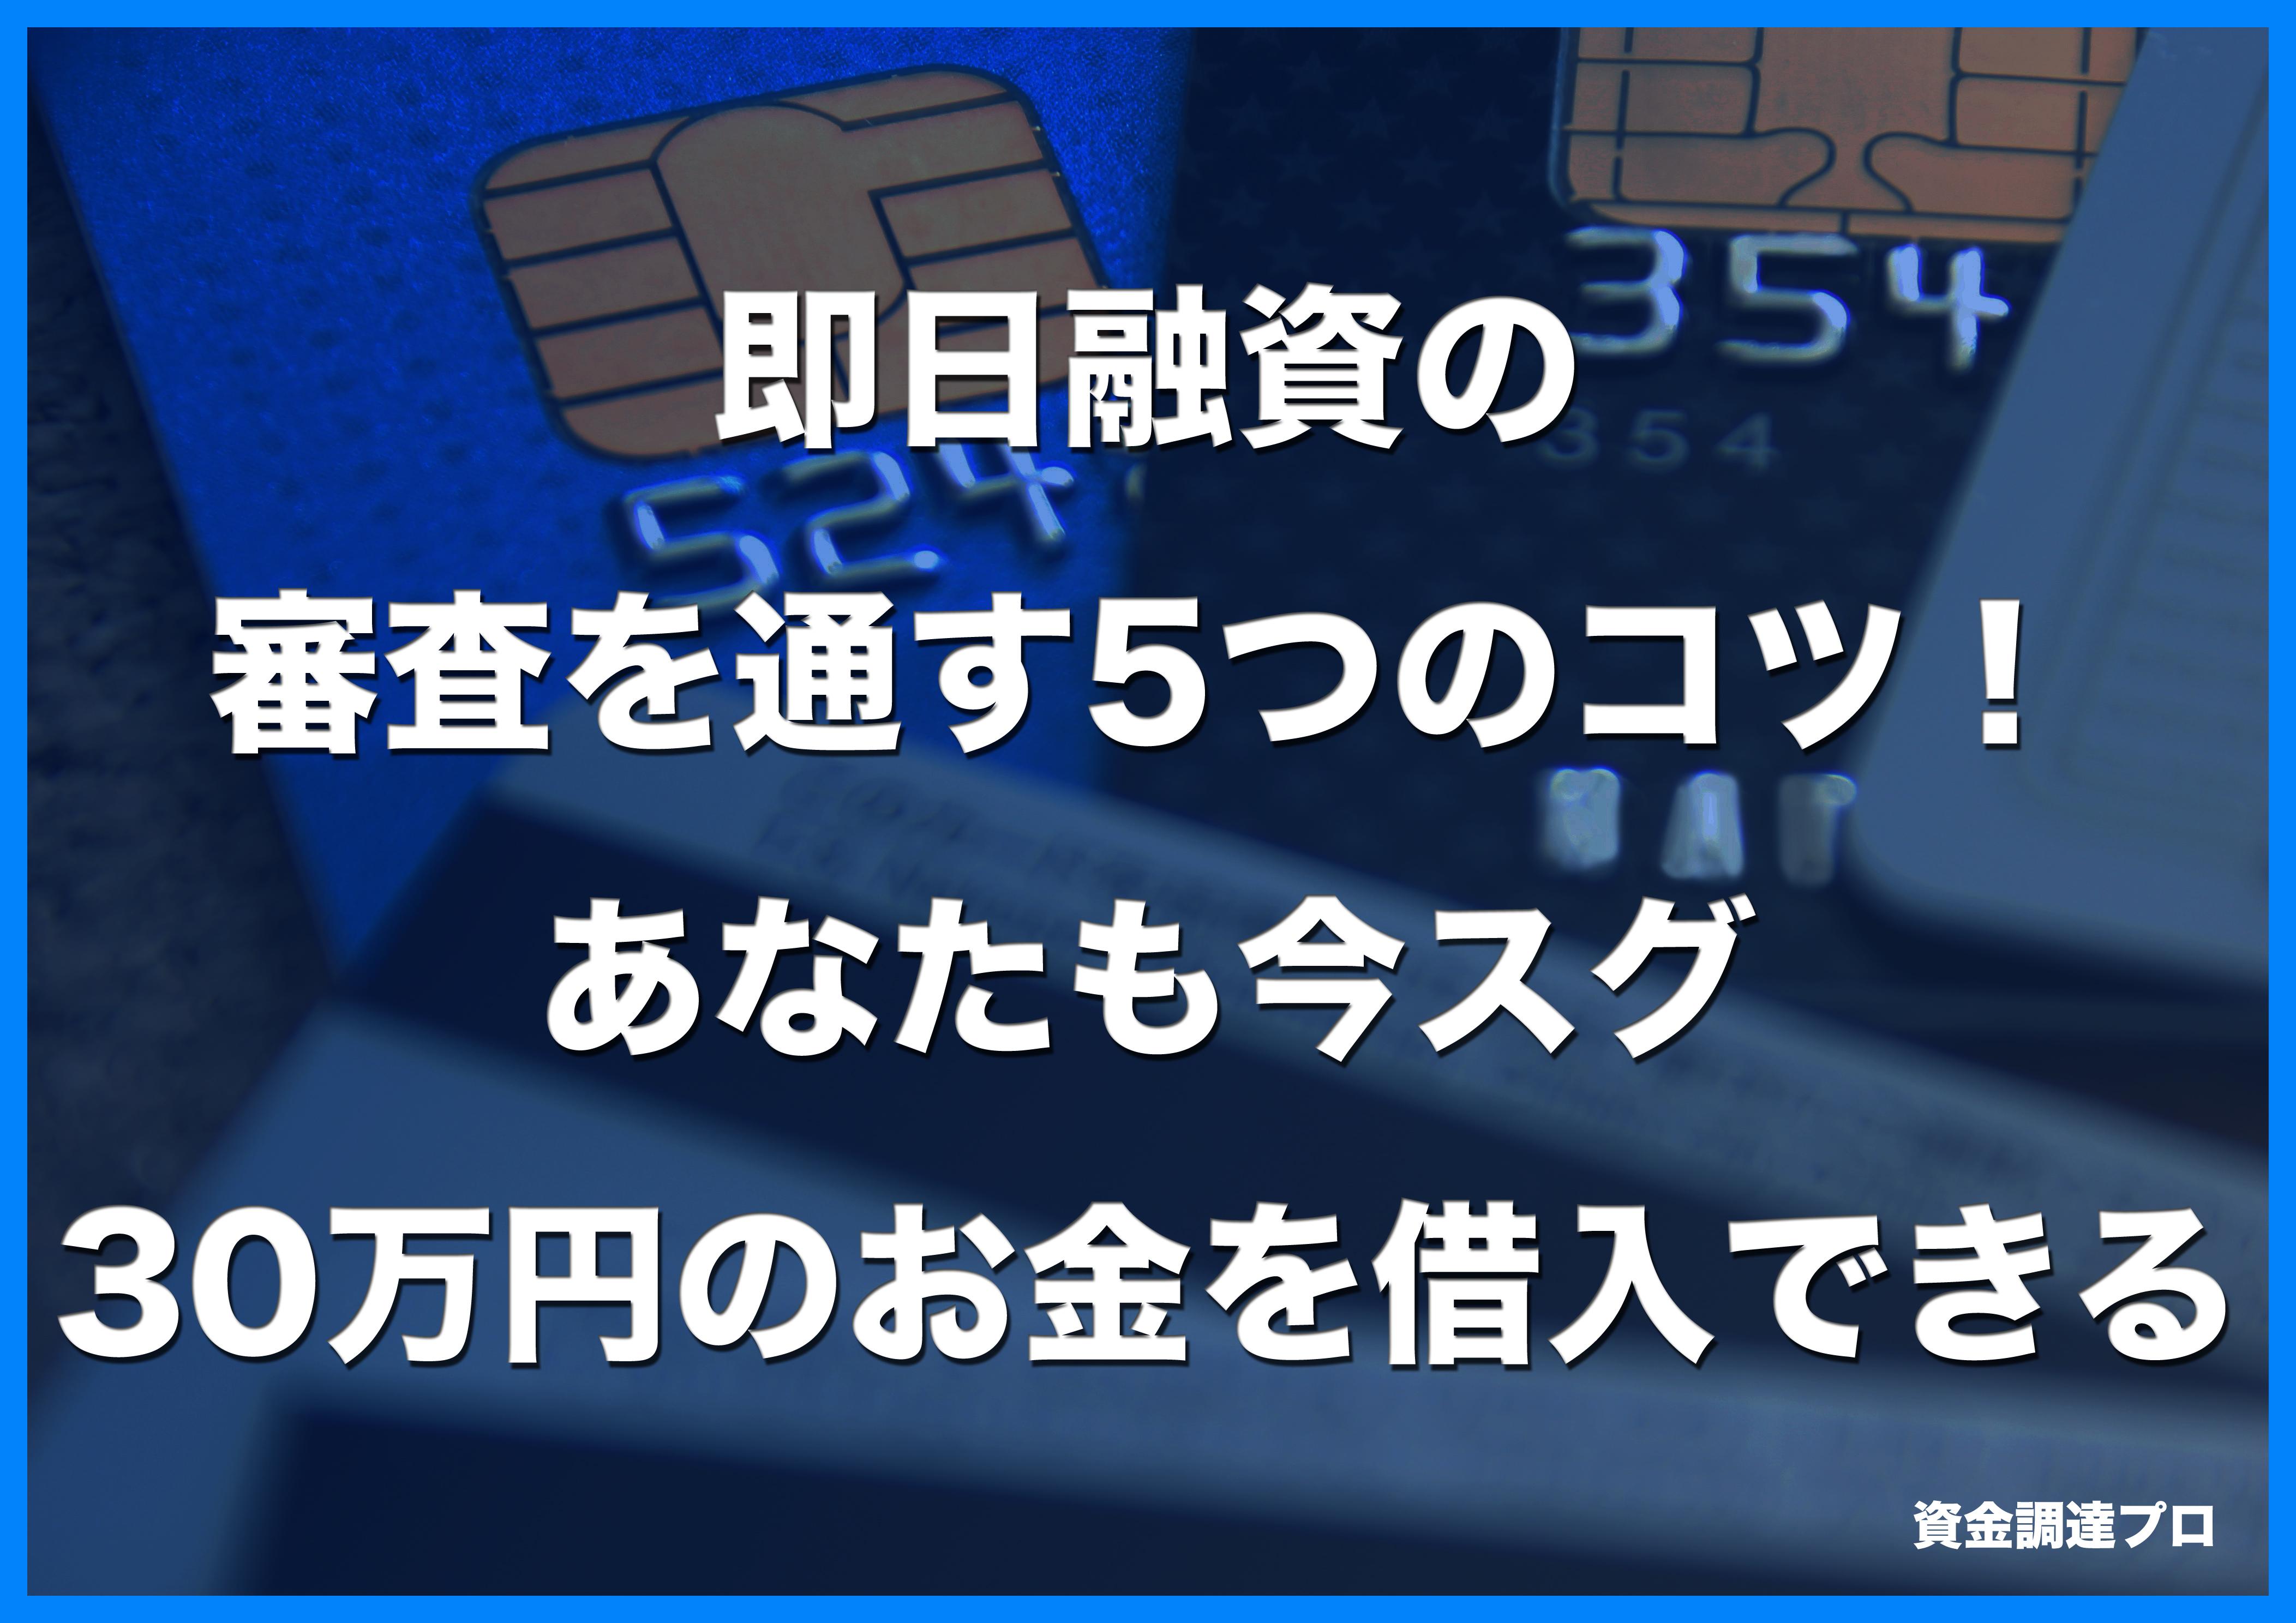 クレジットカードの審査を通す4つのコツ!あなたも限度額100万円のカードを作れる